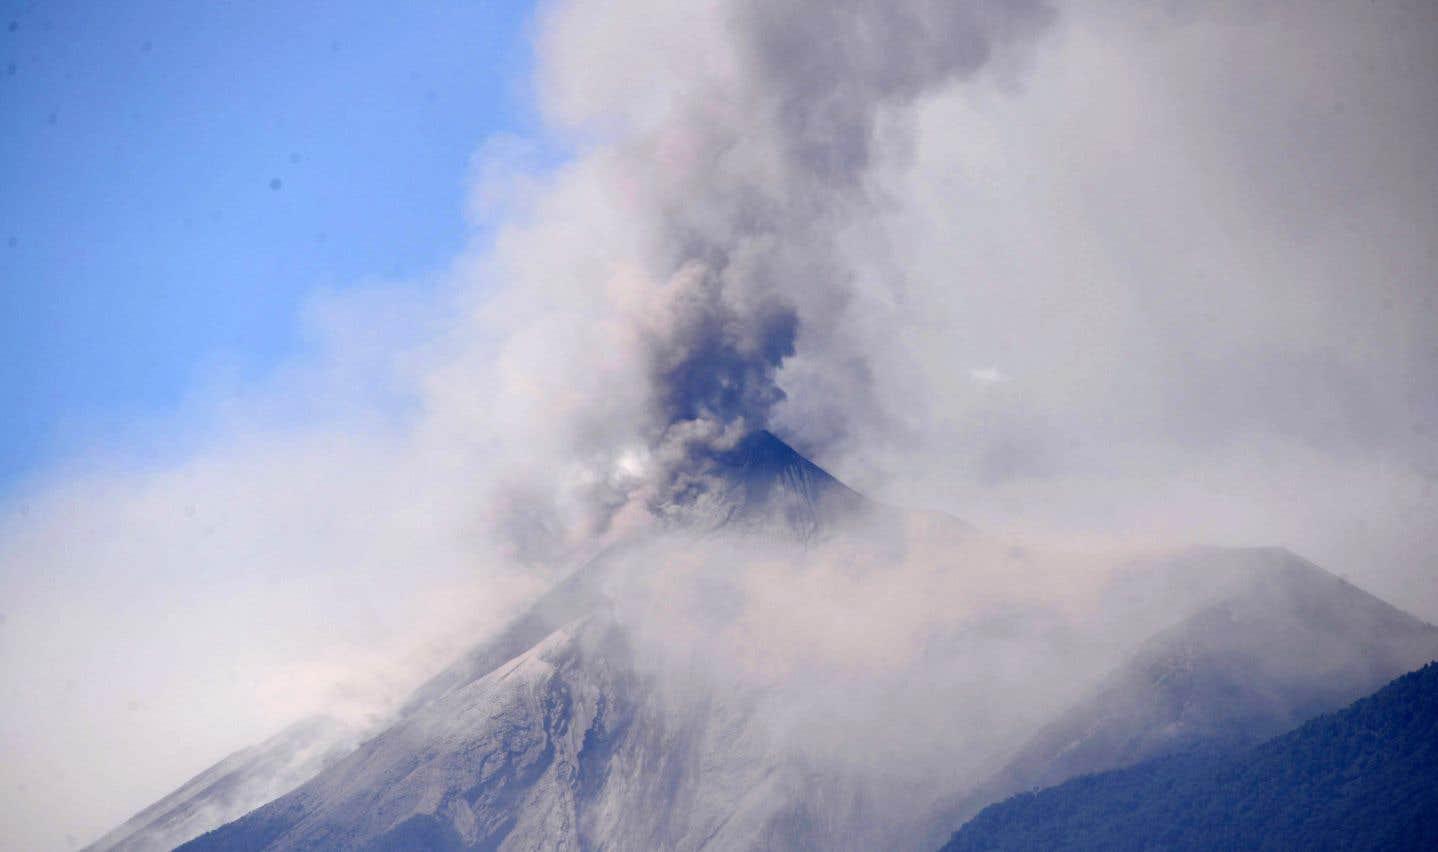 Le volcan Fuego avait provoqué en septembre 2012 l'évacuation d'environ 10000 habitants.